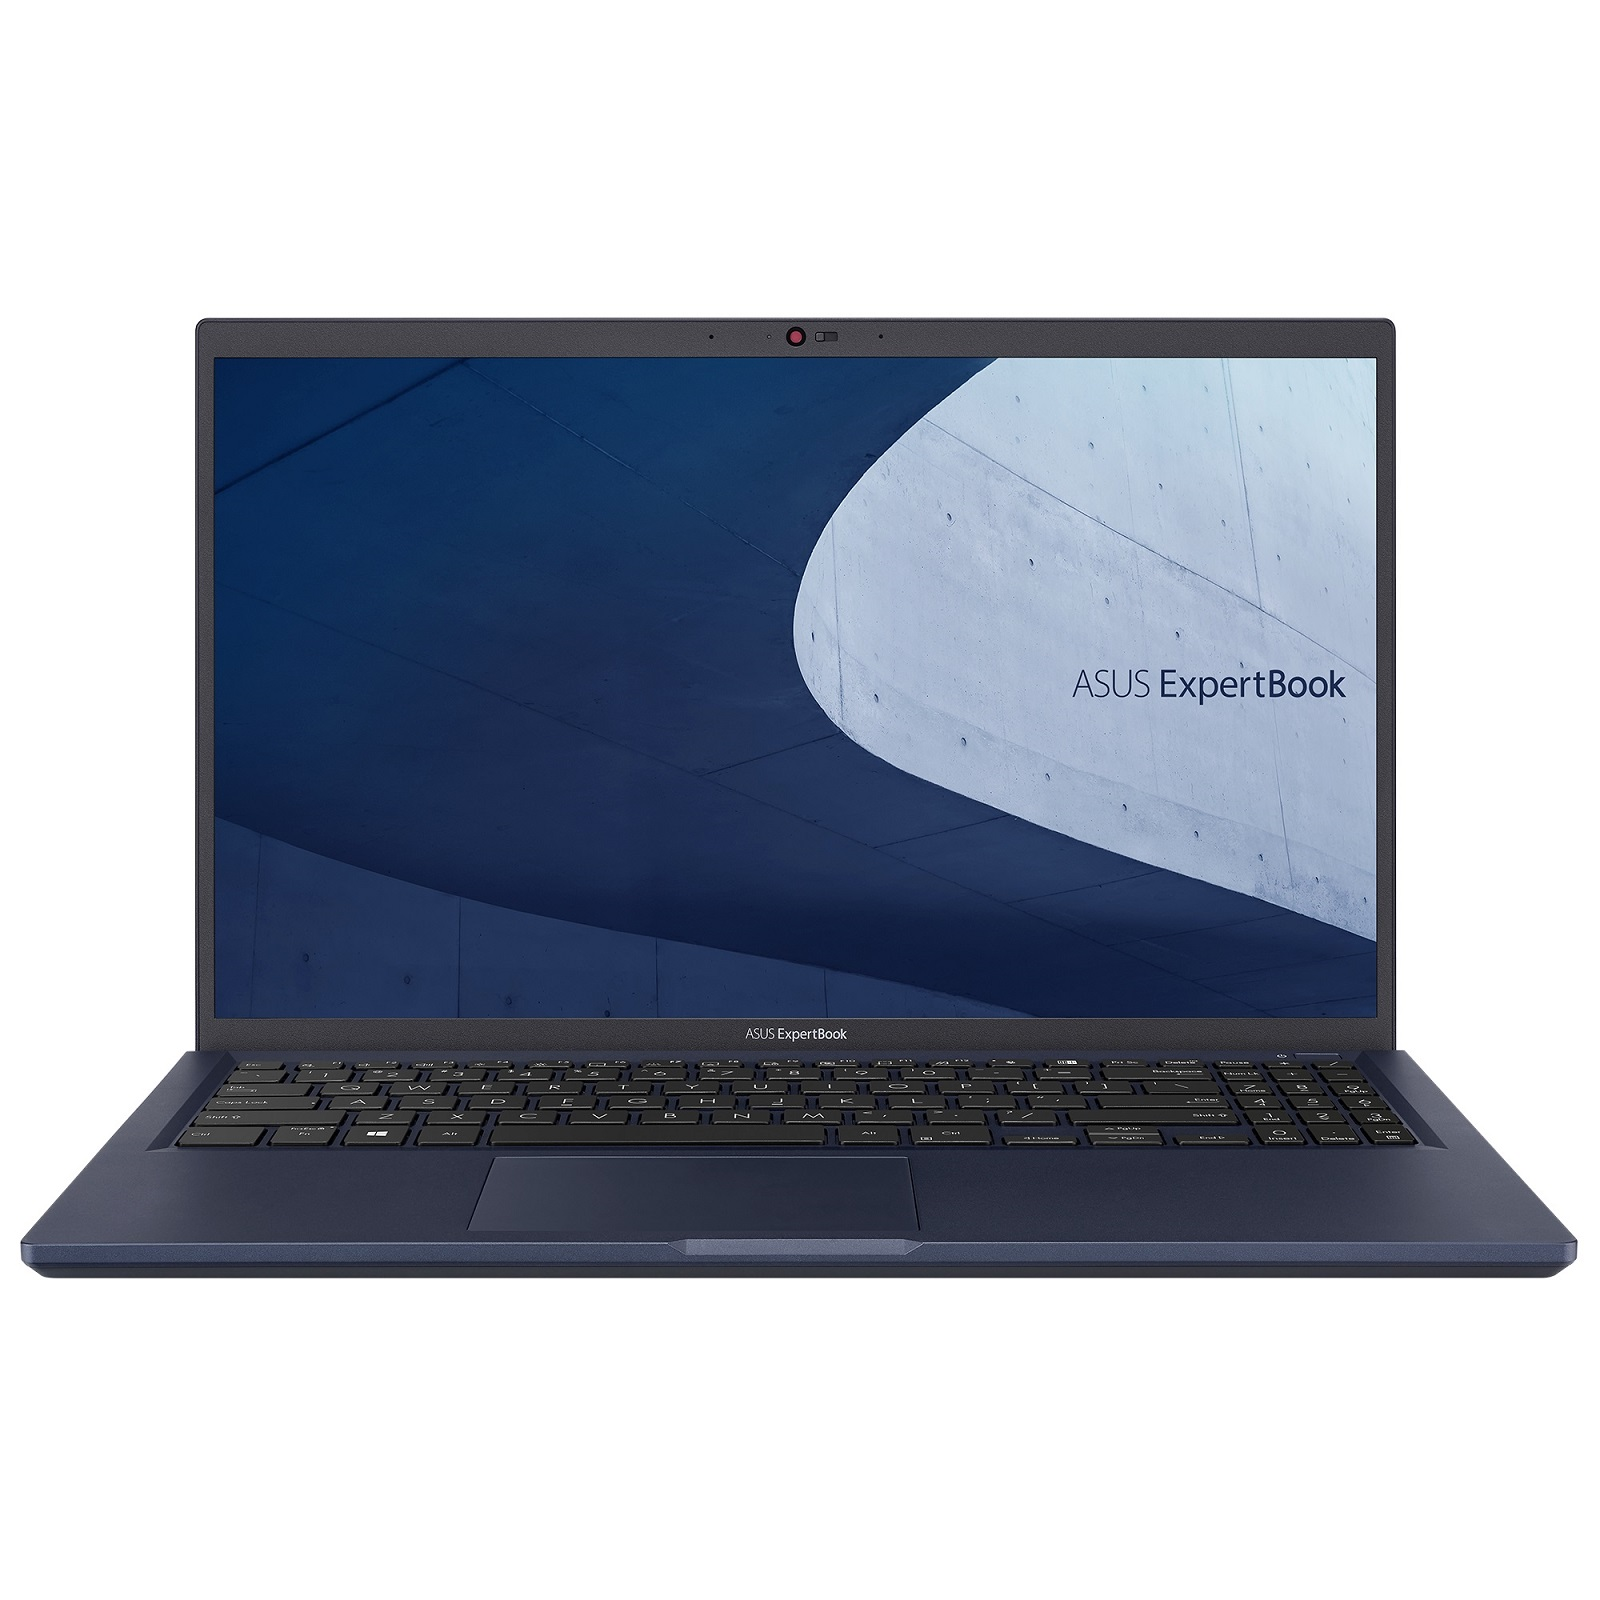 ASUS ExpertBook B1500/15,6''/i3-1115G4 (2C/4T)/8GB/512GB SSD/FPR/TPM/Linux/Black/2Y PUR - B1500CEAE-BQ0962